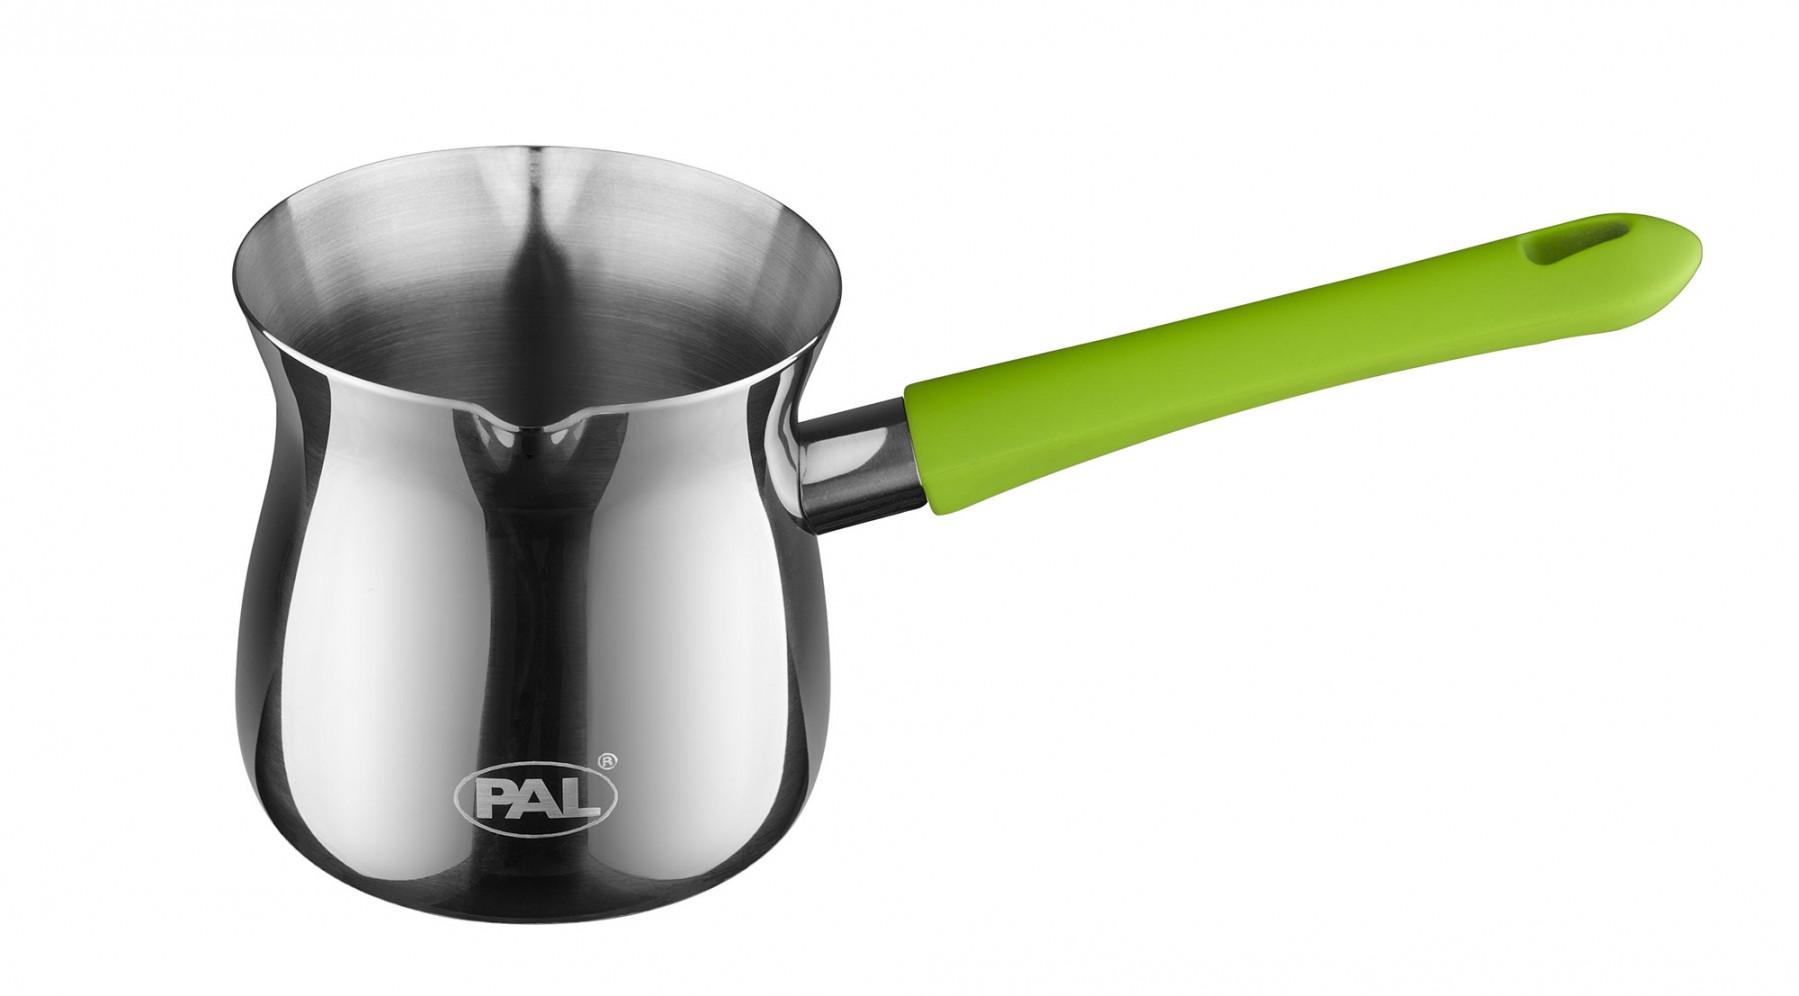 Μπρίκι Ανoξείδωτο PAL Titanium 18/8 No10 500ml PAL Colors 50000511 Πράσινο